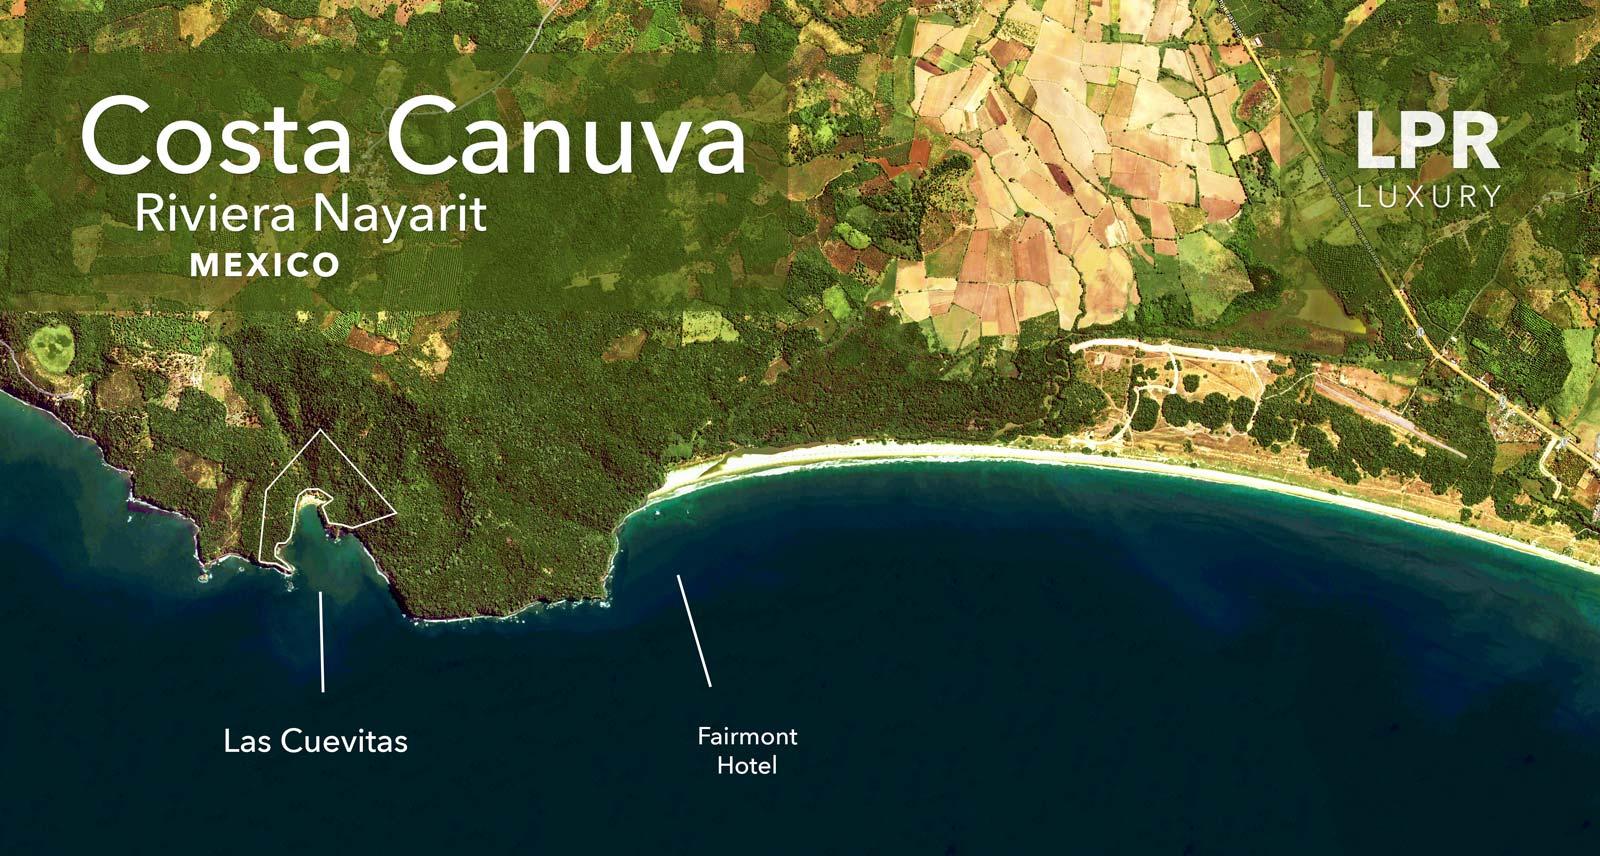 Costa Canuva - Riviera Nayarit, Mexico